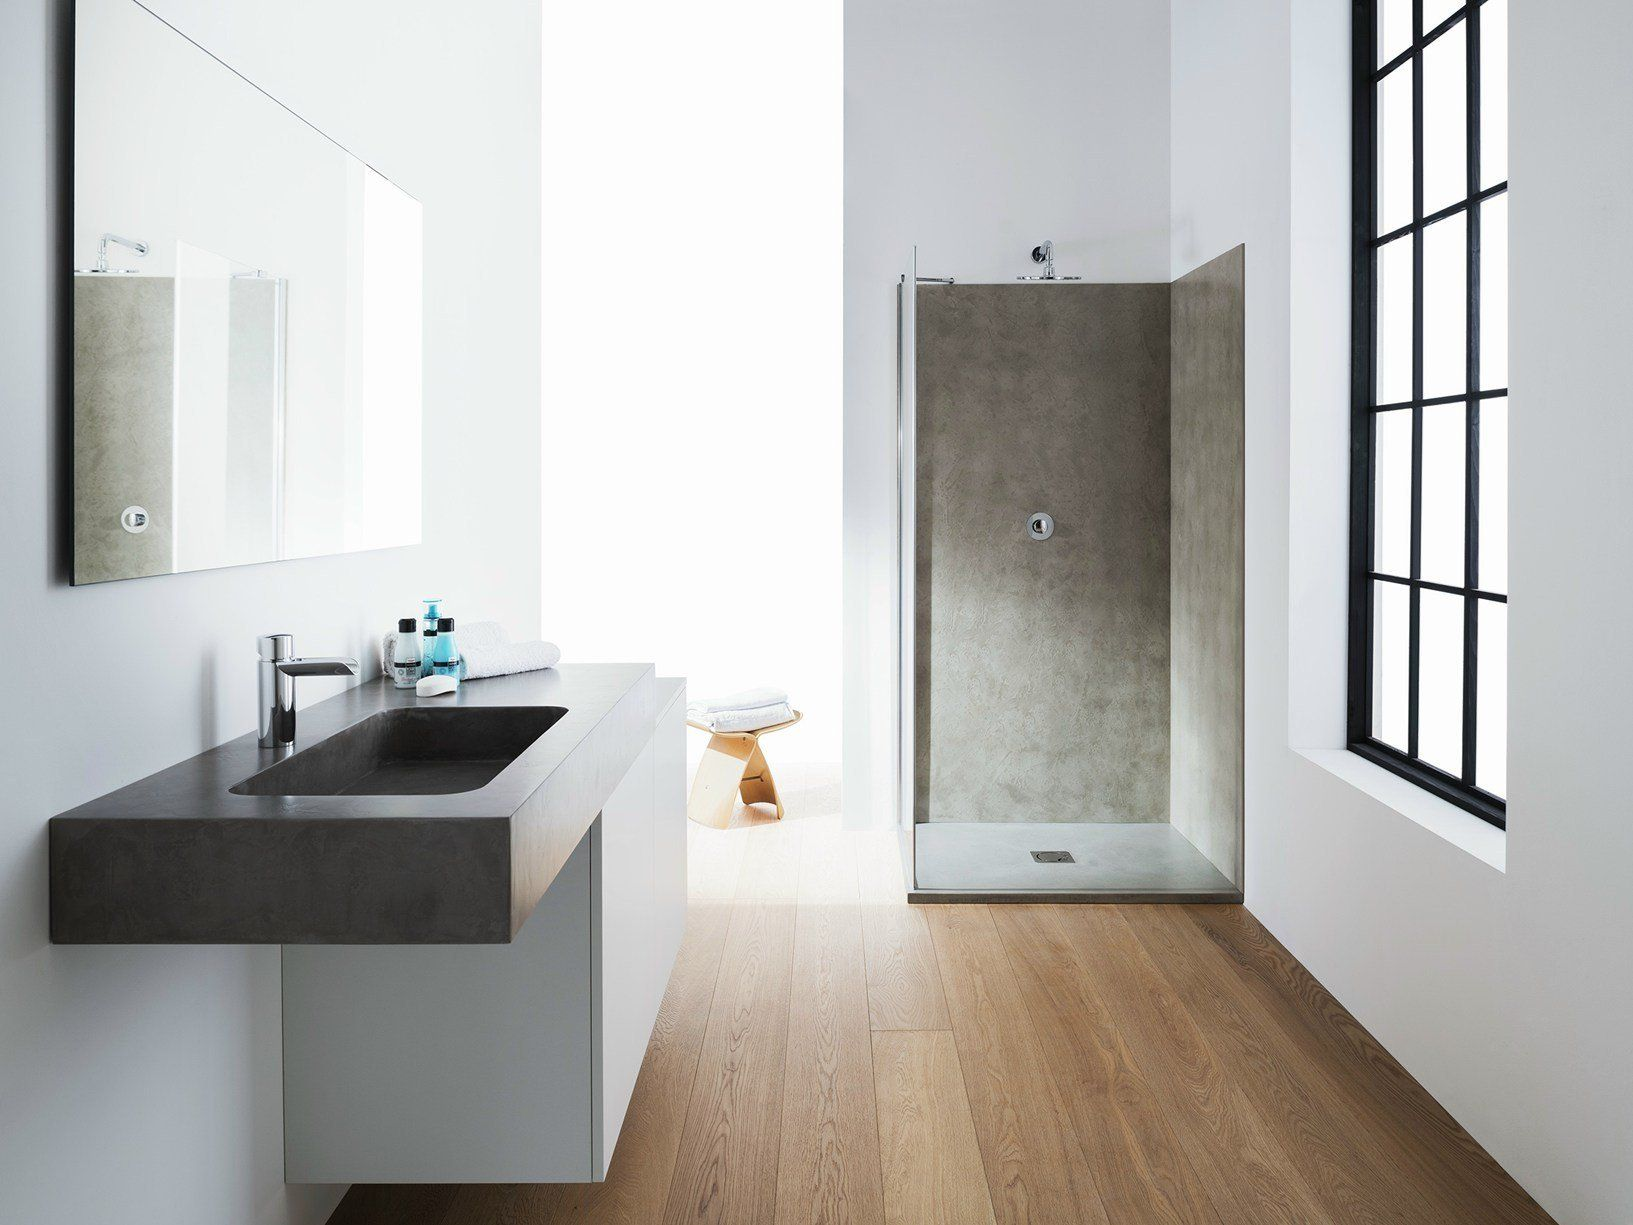 Microtopping per il bagno d 39 ispirazione minimal for Mobile bagno minimal